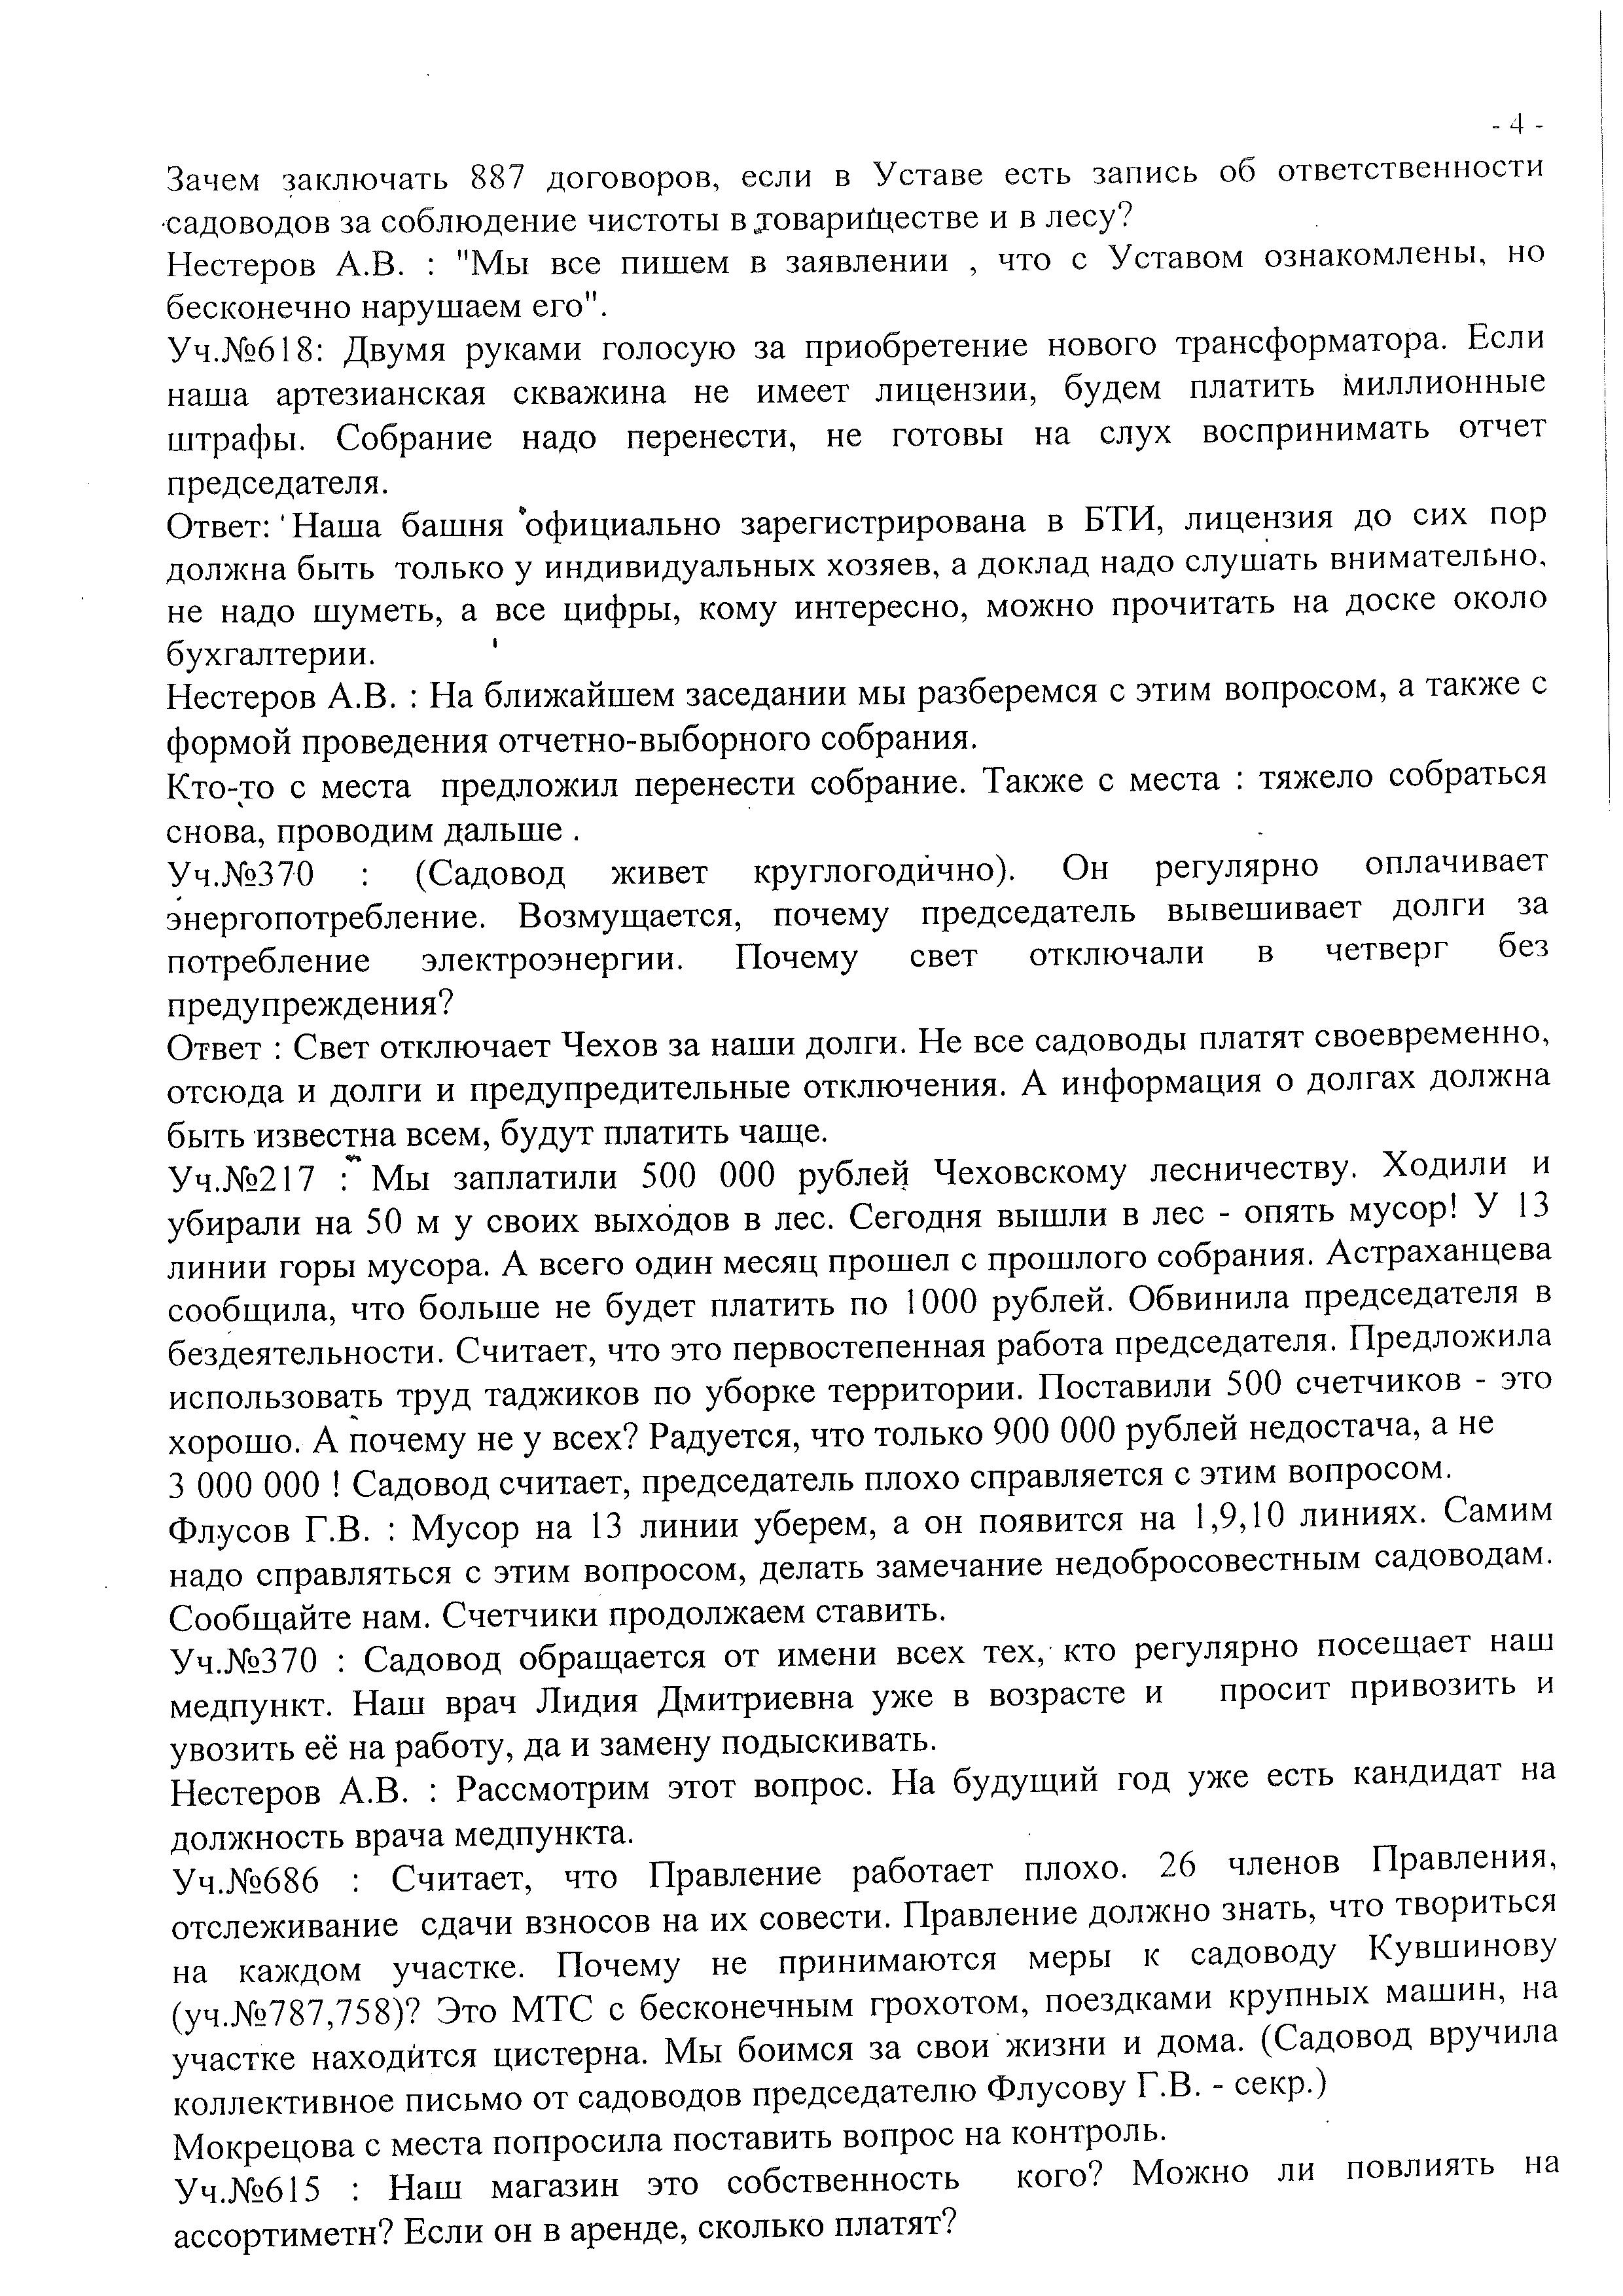 Протокол общего собрания членов СНТ Мичуринец ГУВД Москвы 2016 стр 4